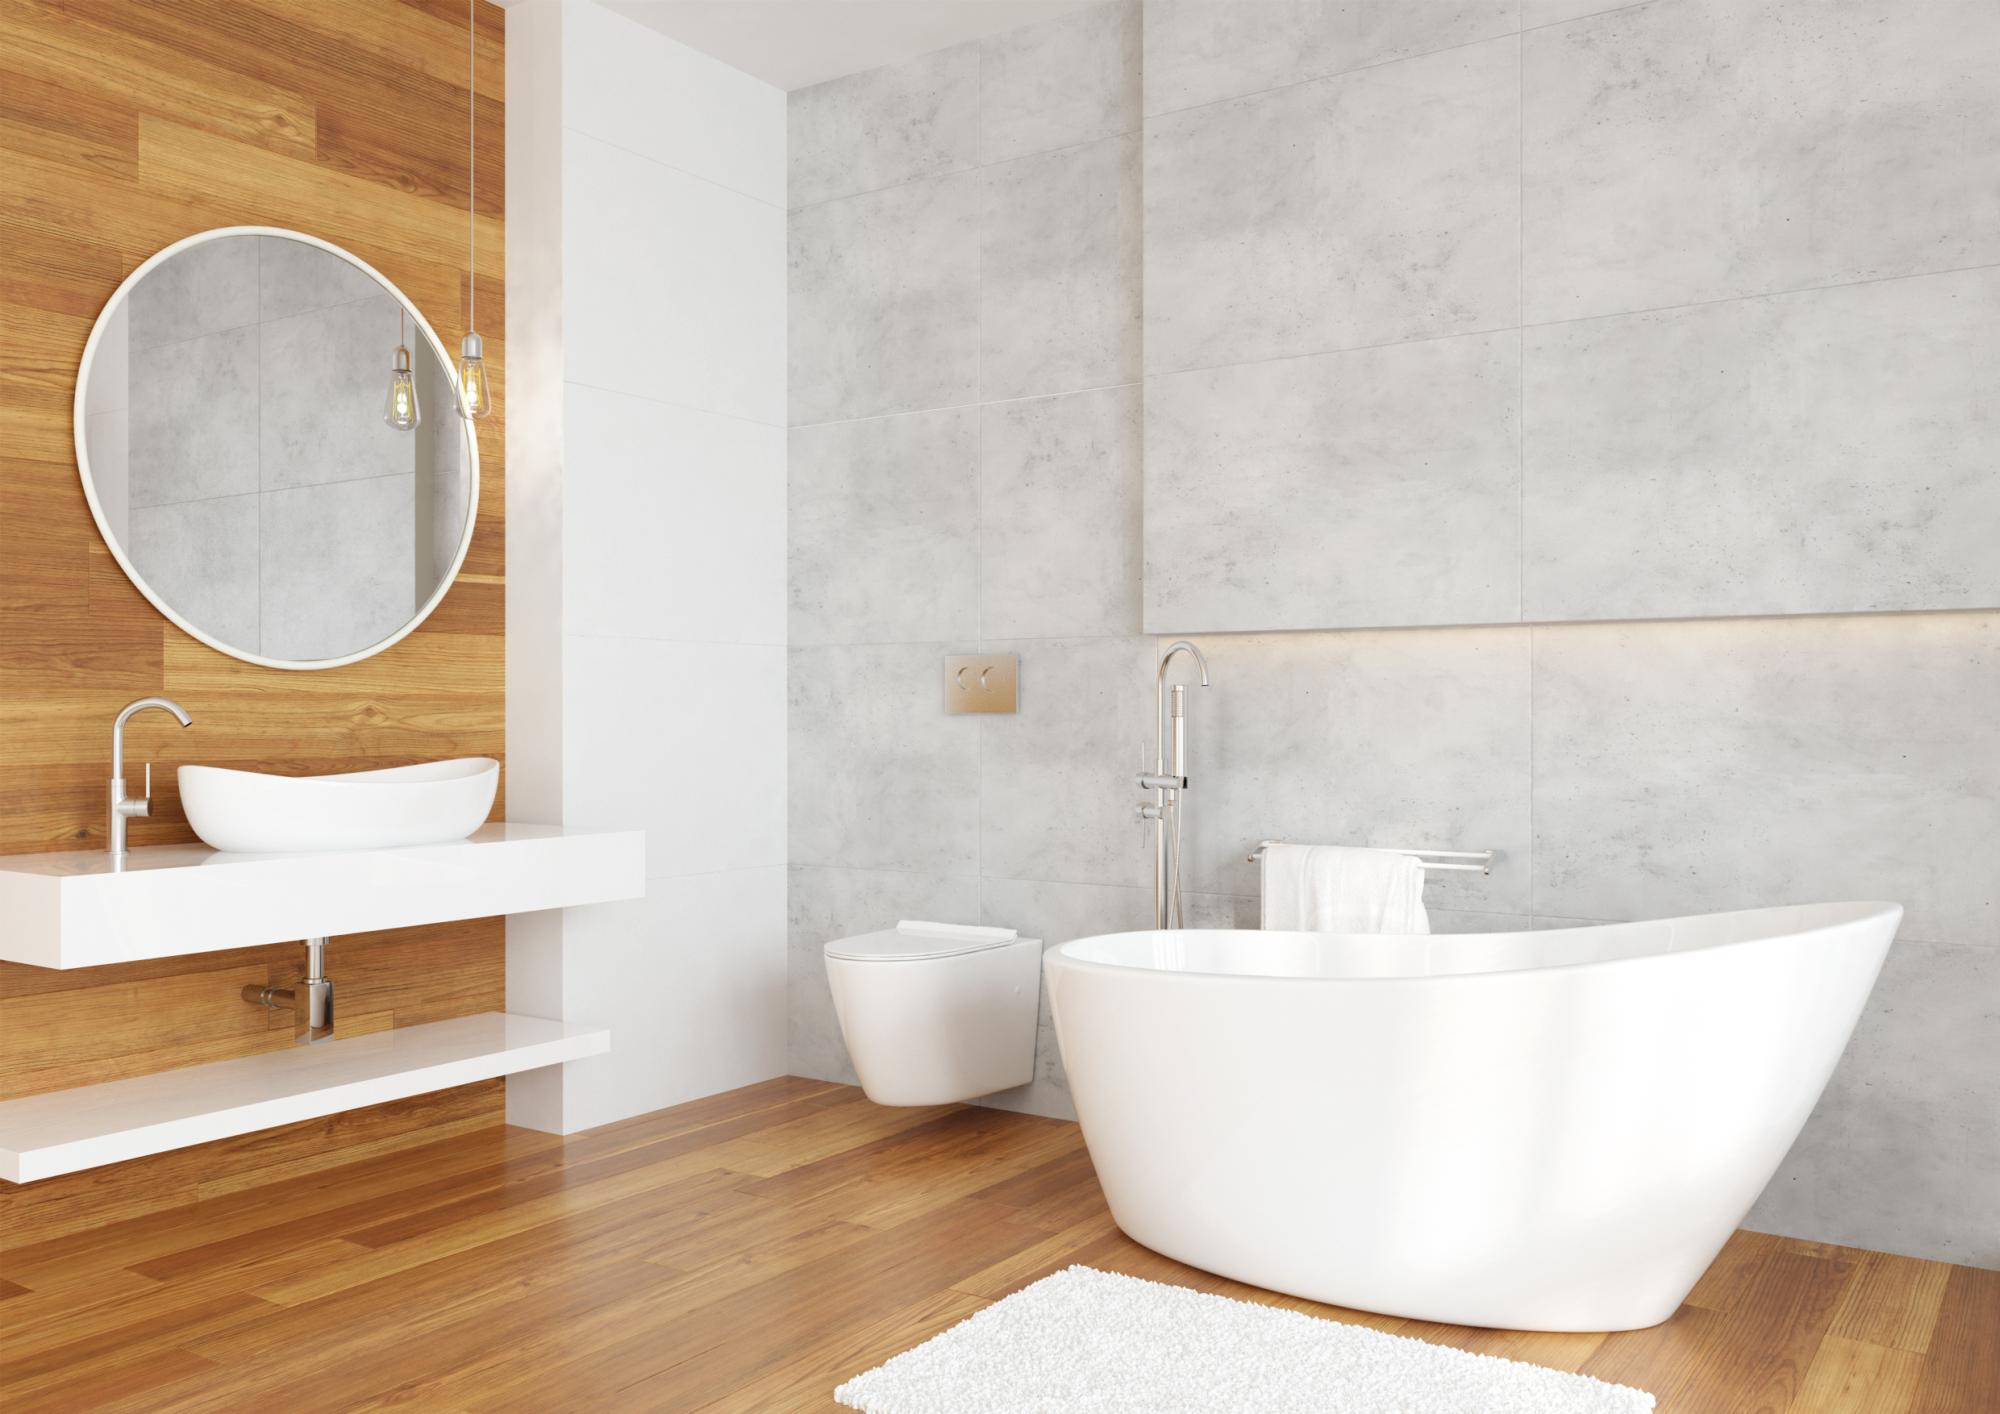 Jak Dobrać Lustro Do łazienki 4 Najważniejsze Porady